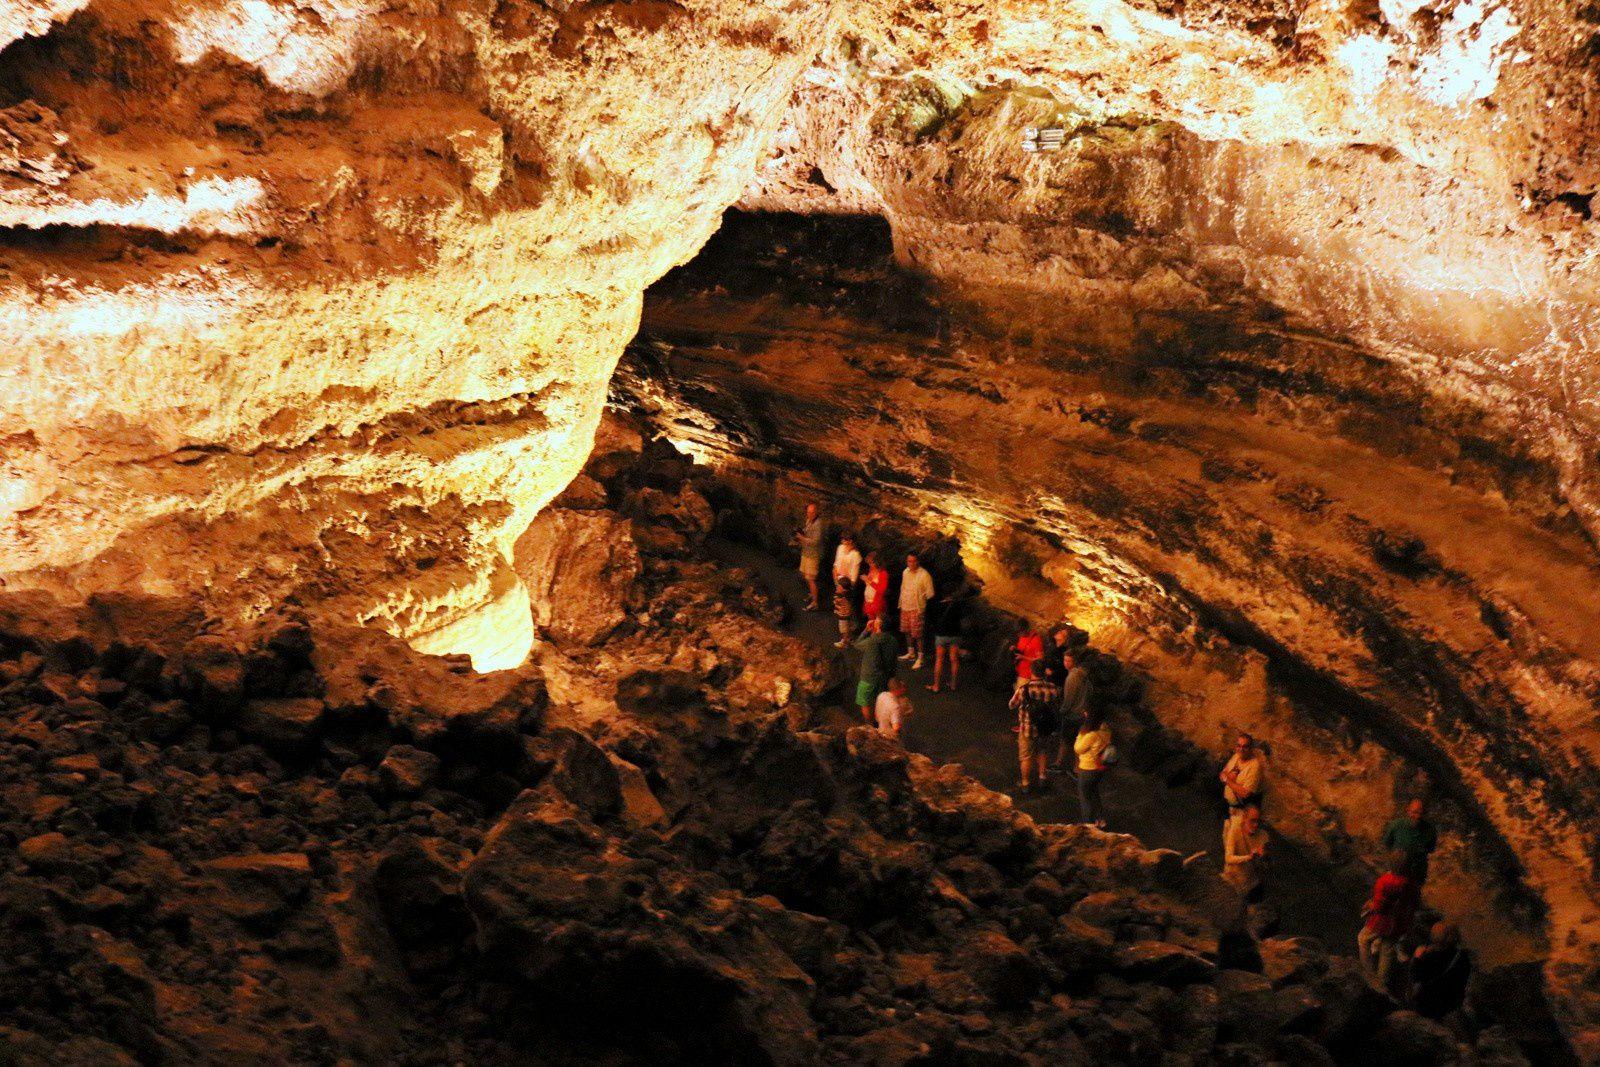 Dans la Cueva de los Verdes (1/2), Lanzarote (Canaries)